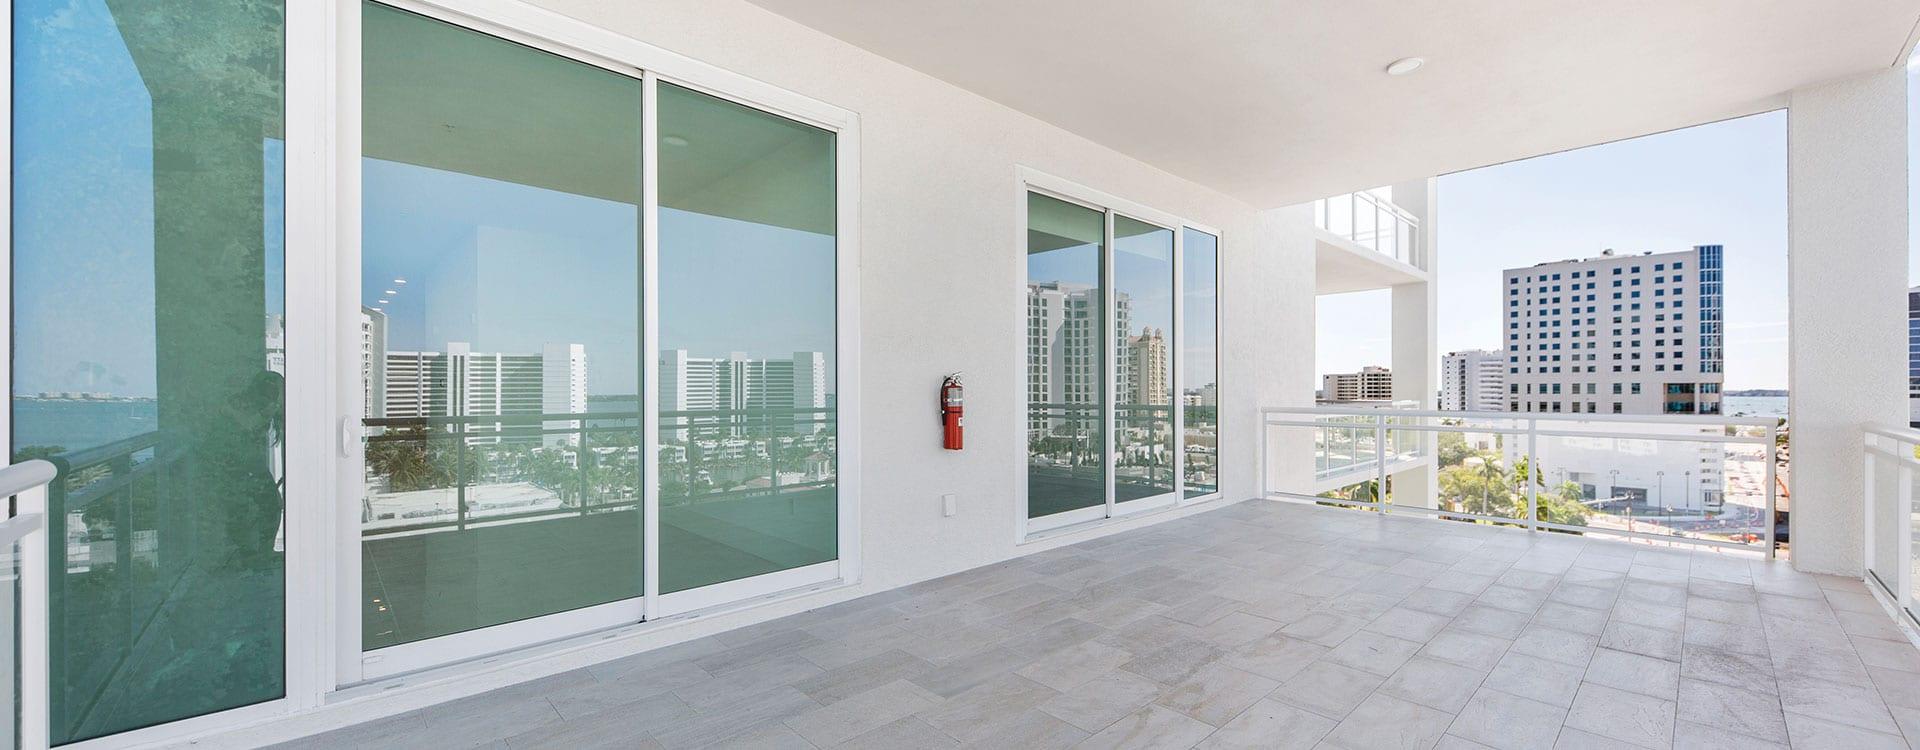 BLVD Residence 903 Bedroom Terrace